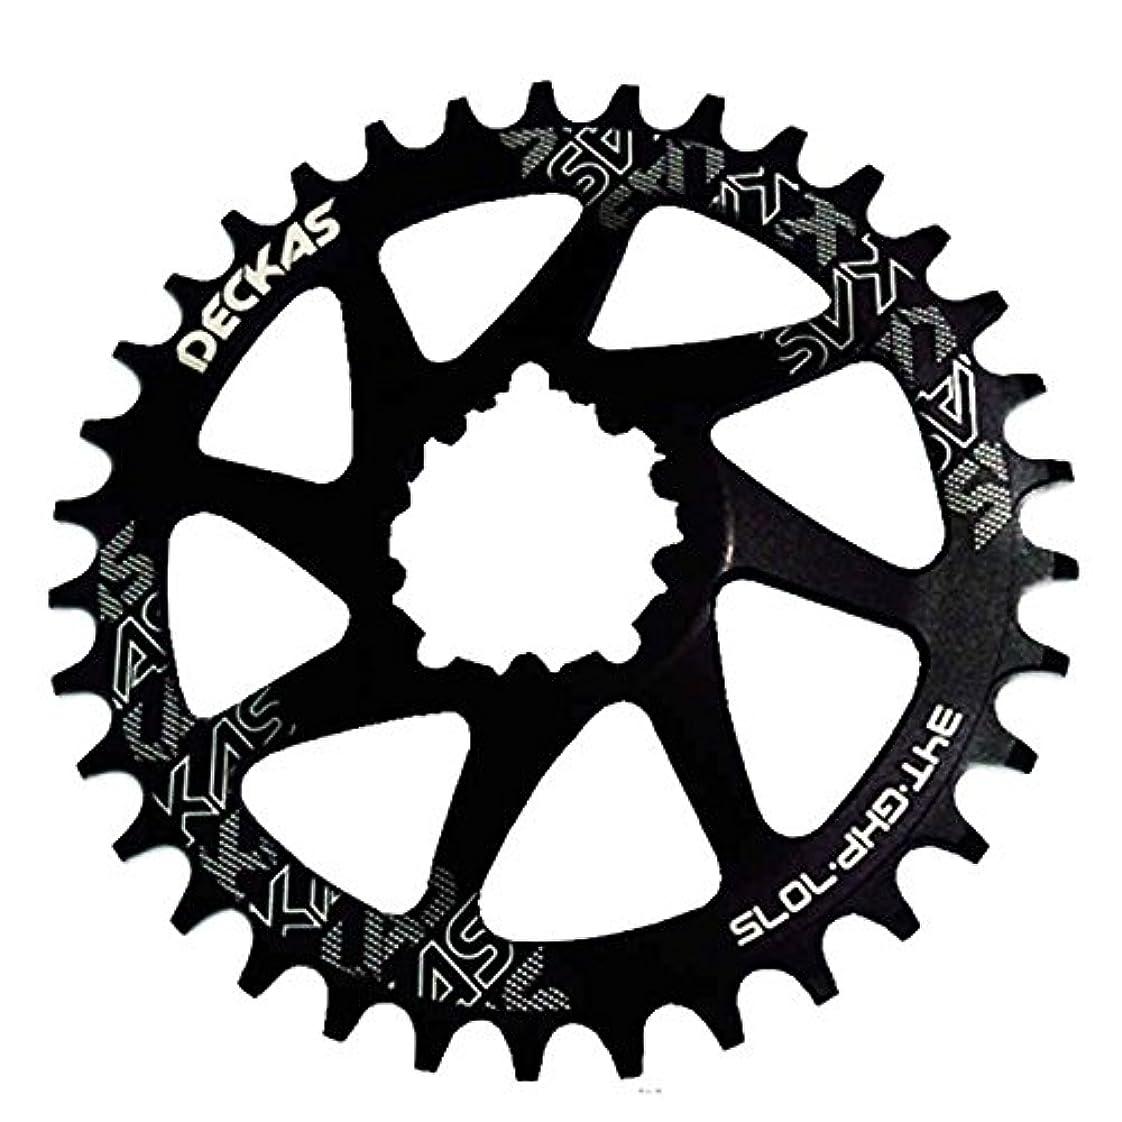 大砲胆嚢実装するPropenary - GXP bicycle crankset Al 7075 CNC32T 34T Narrow Wide Chainring Chainwheel for Sram XX1 XO1 X1 GX XO X9 crankset bicycle parts [ 36T Black ]